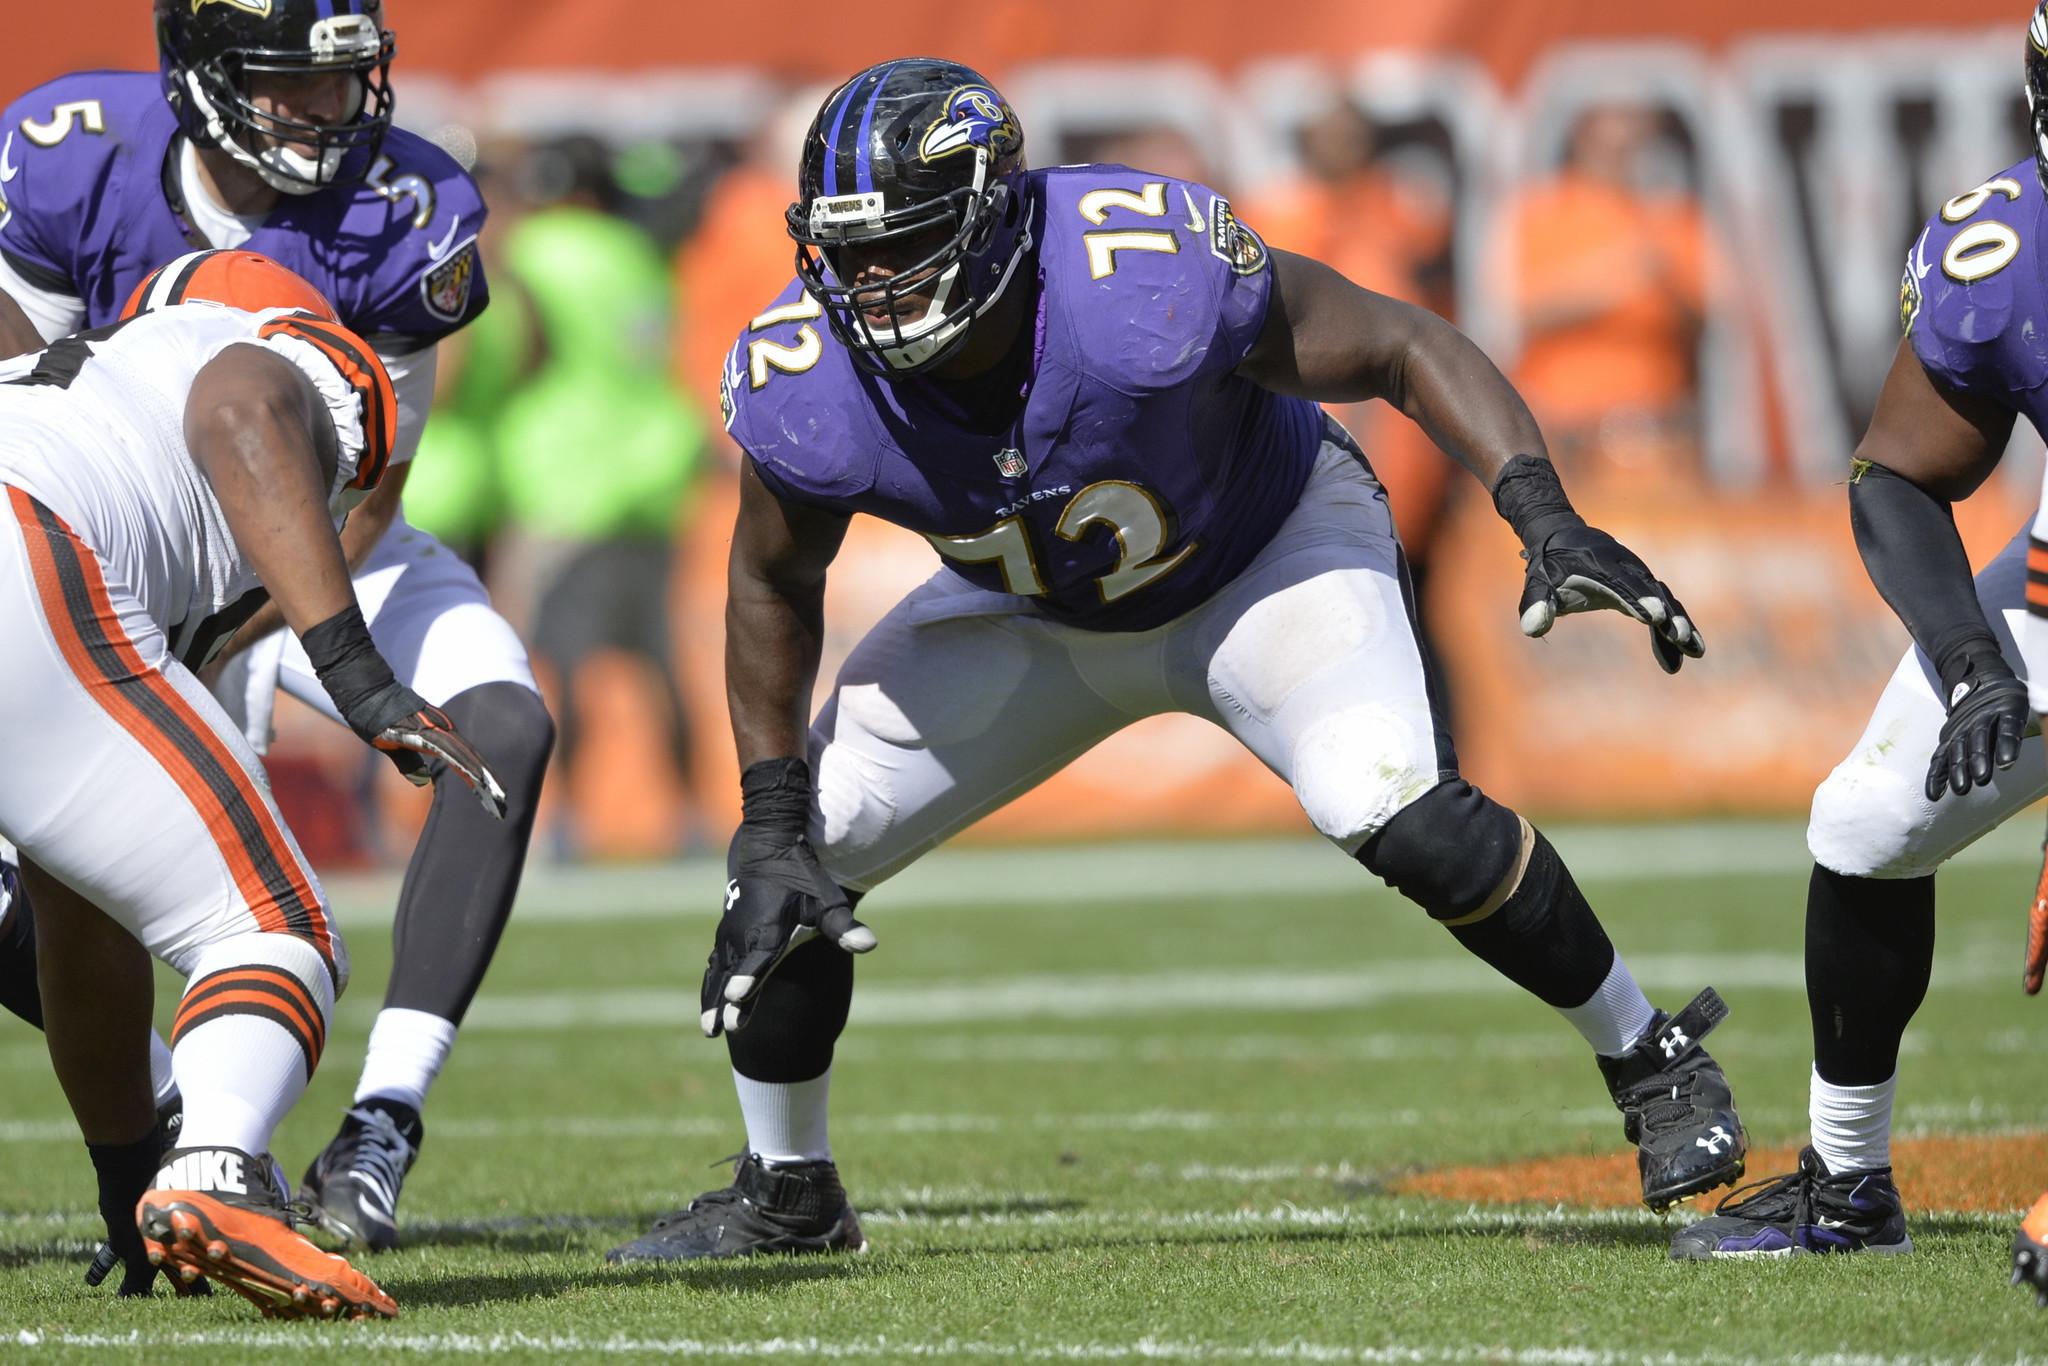 Kelechi Osemele takes shot at Ravens Baltimore Sun